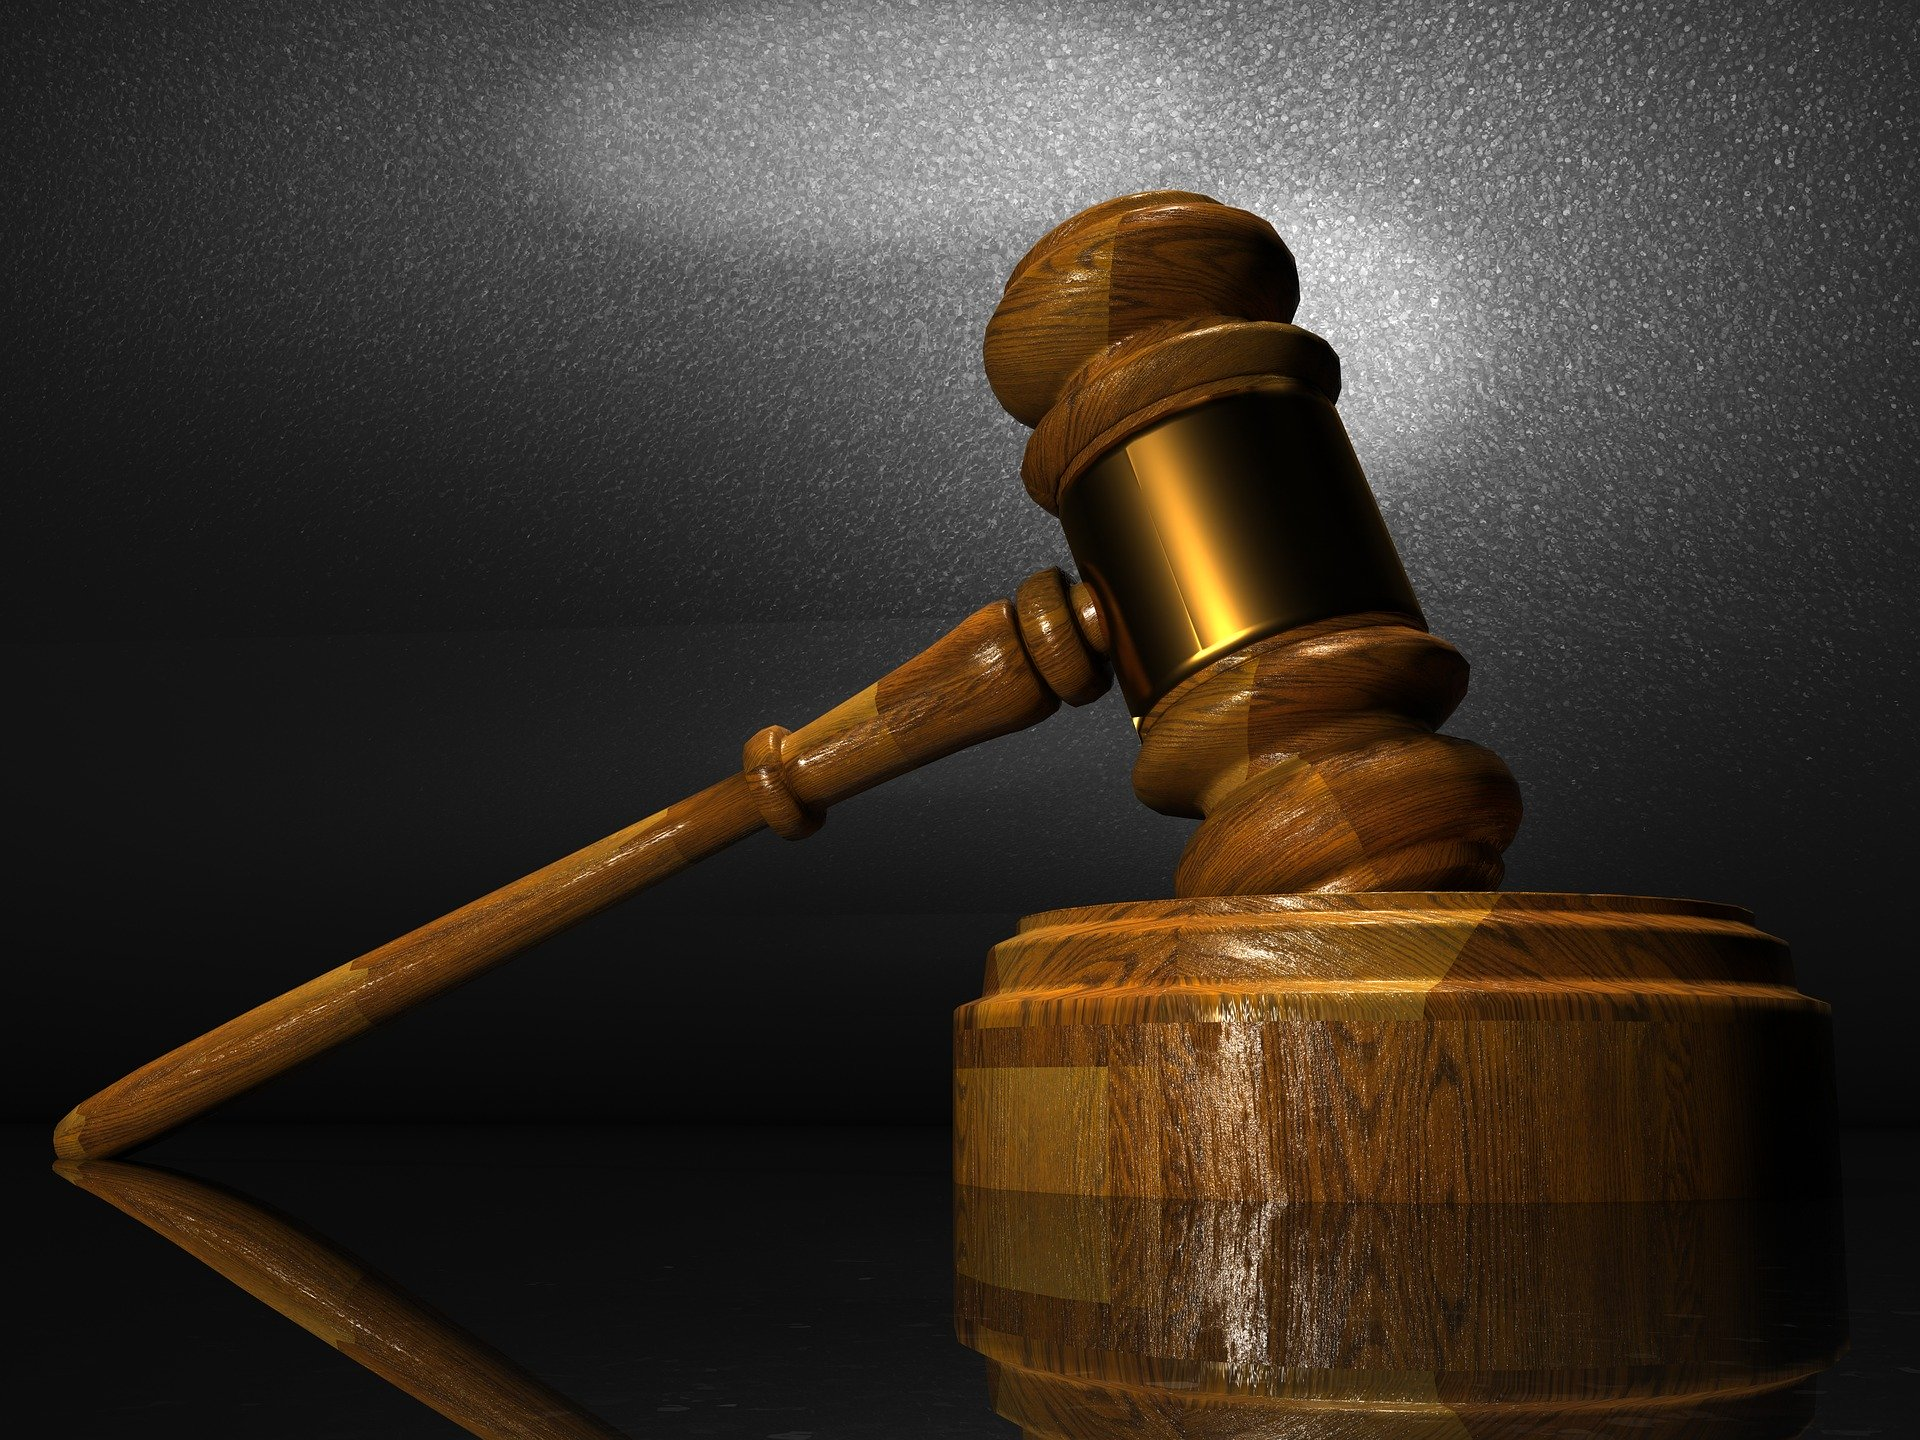 Condenan a una mujer a pagar una multa de 1.260 euros por injuriar a su expareja y a divulgar la sentencia condenatoria en su perfil de Twitter.